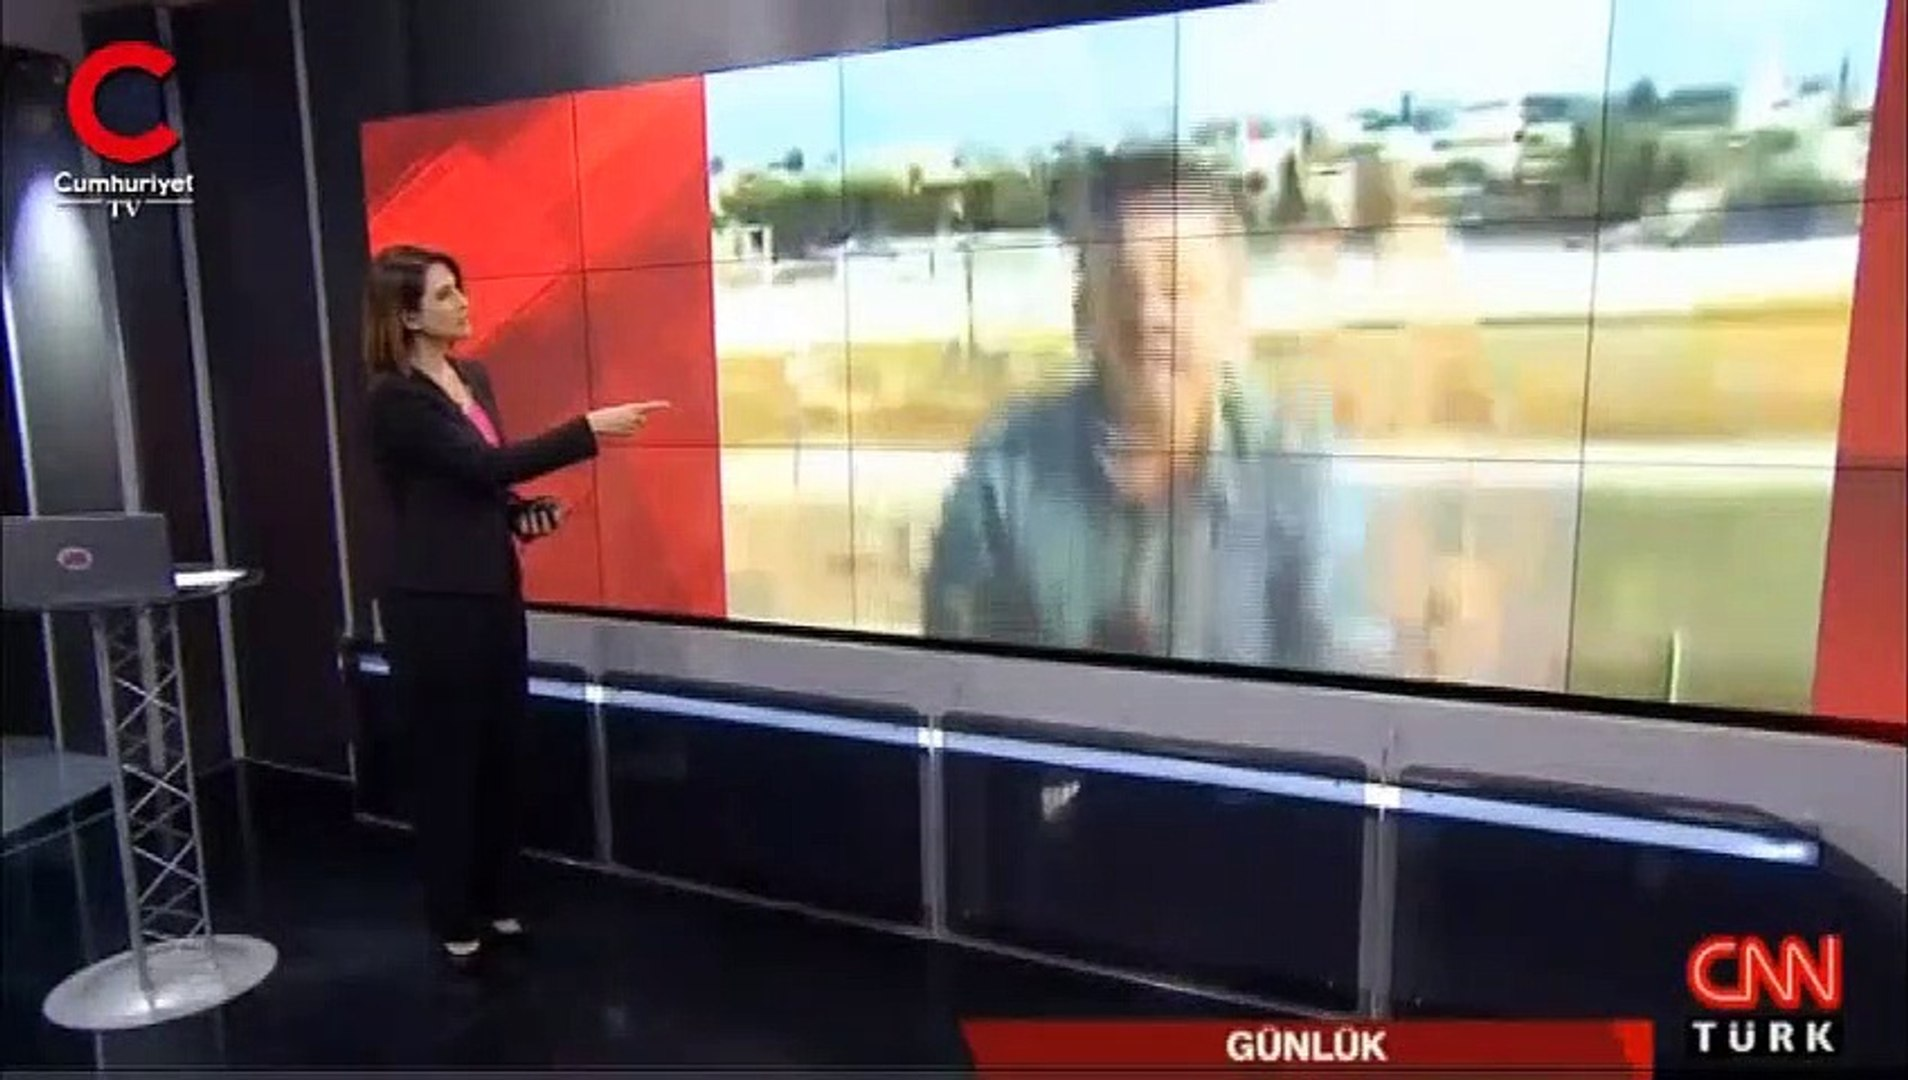 CNN Türk'ün canlı yayınında patlama... Muhabir yerinde zıpladı